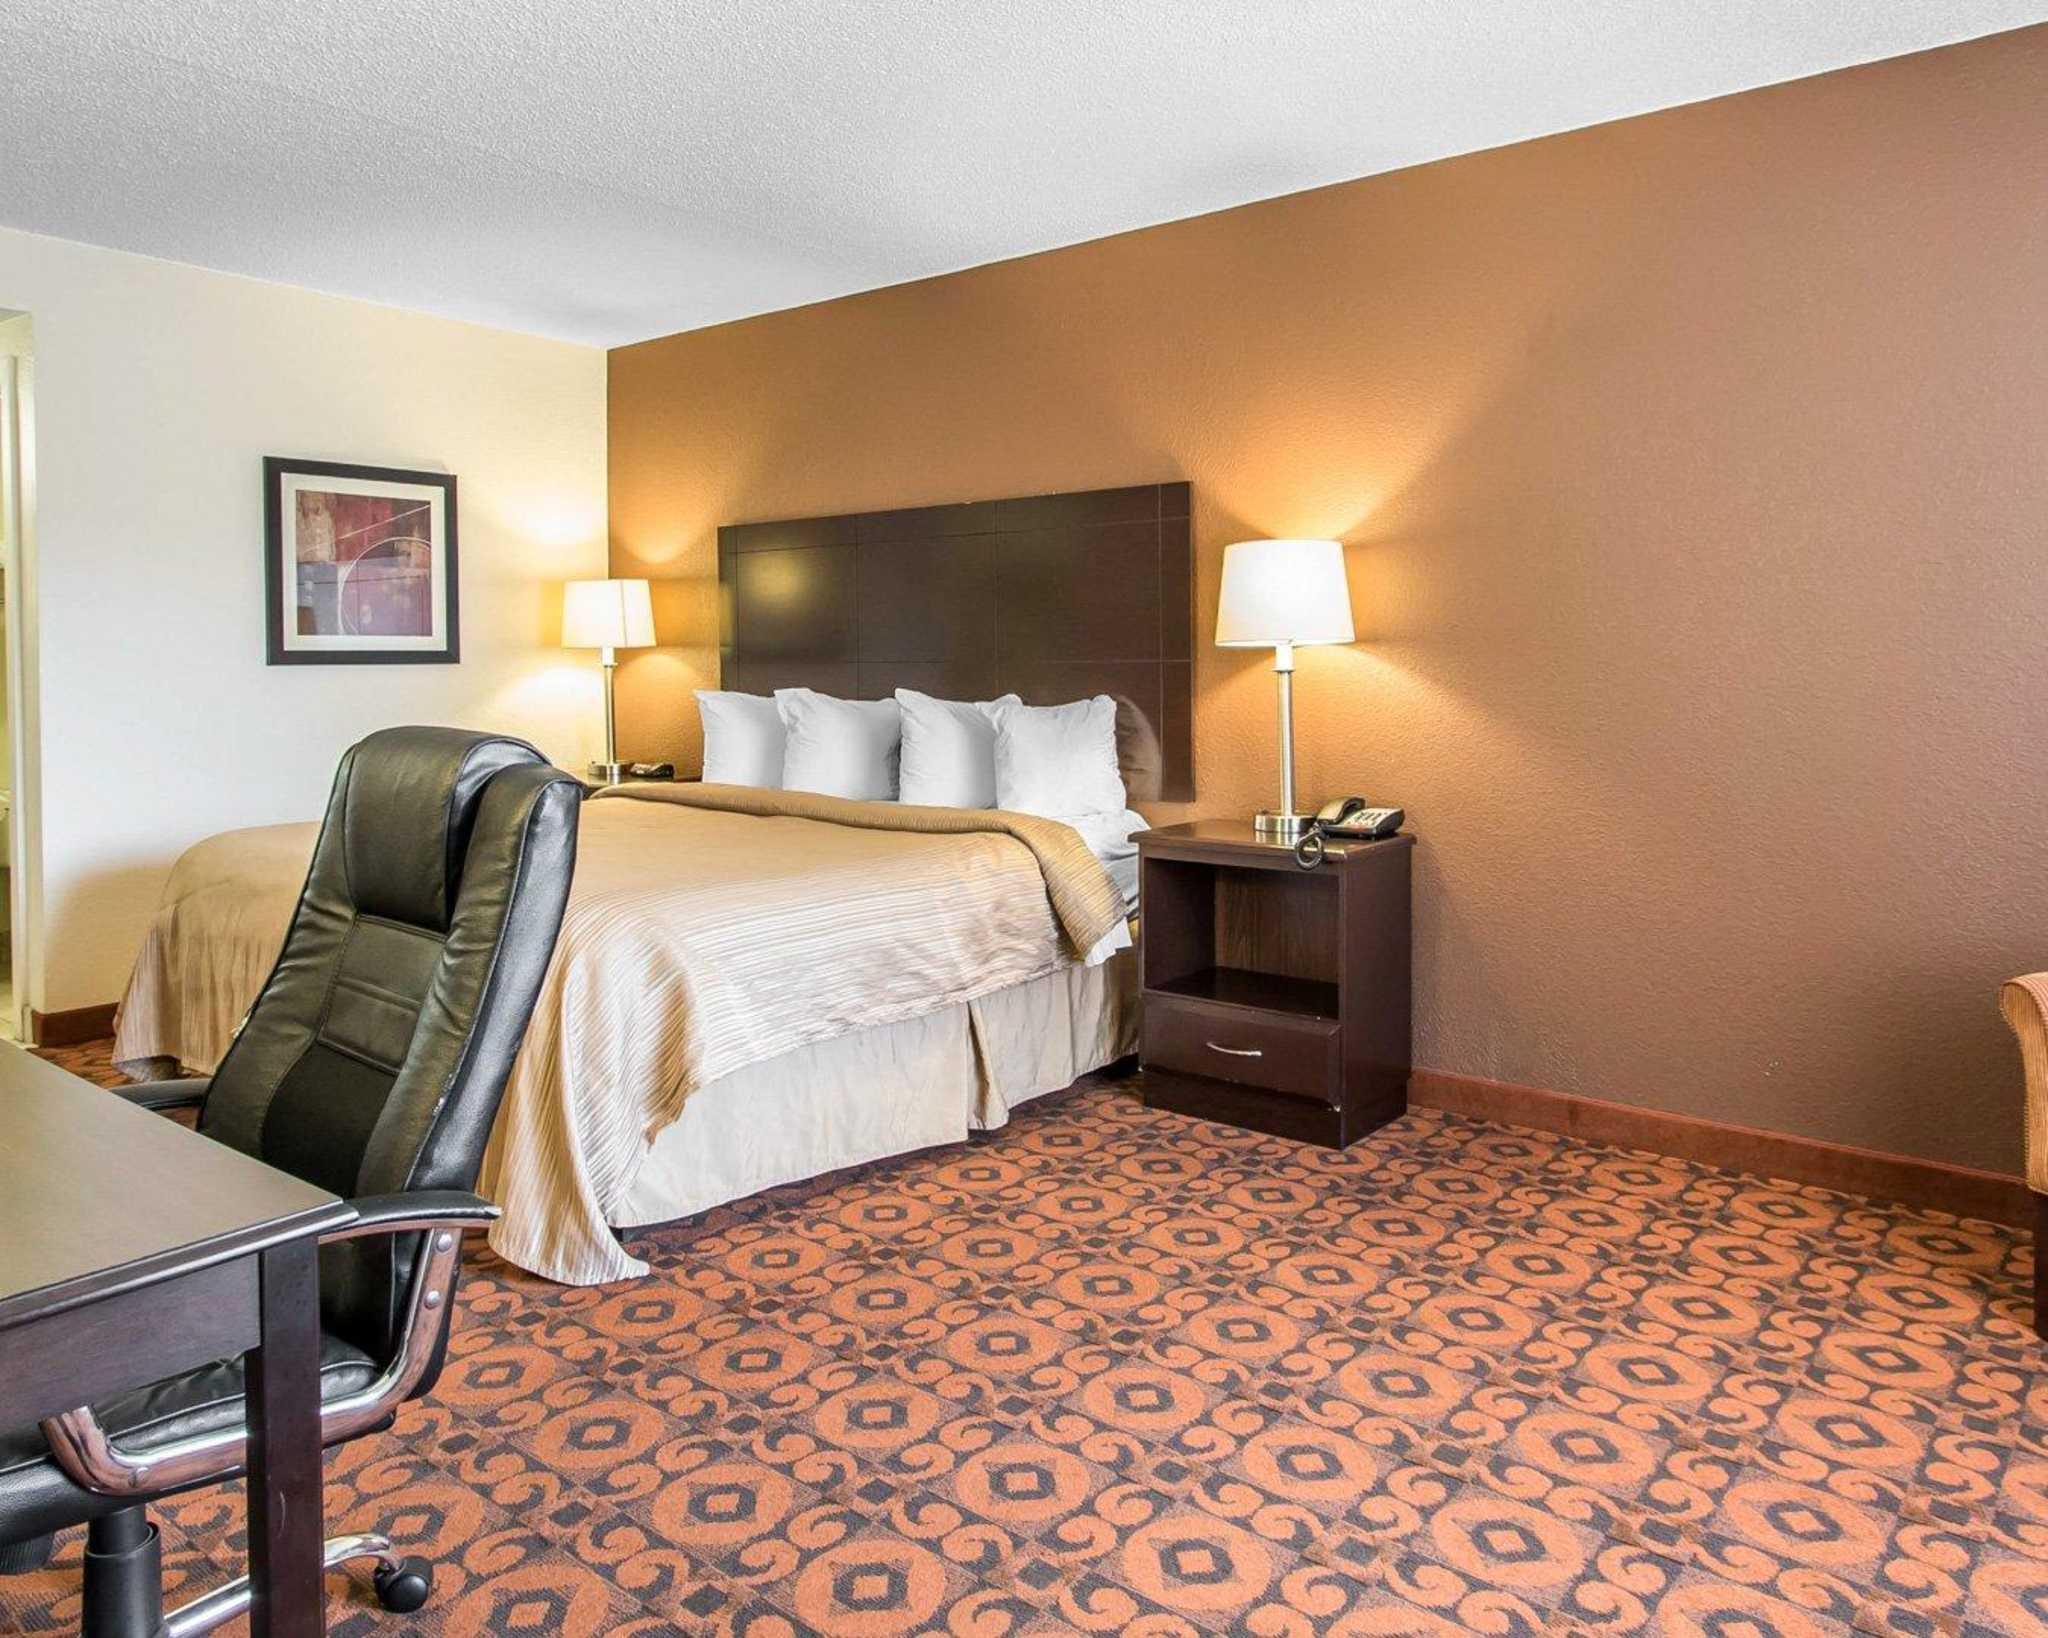 Quality Inn & Suites Fairgrounds West image 29